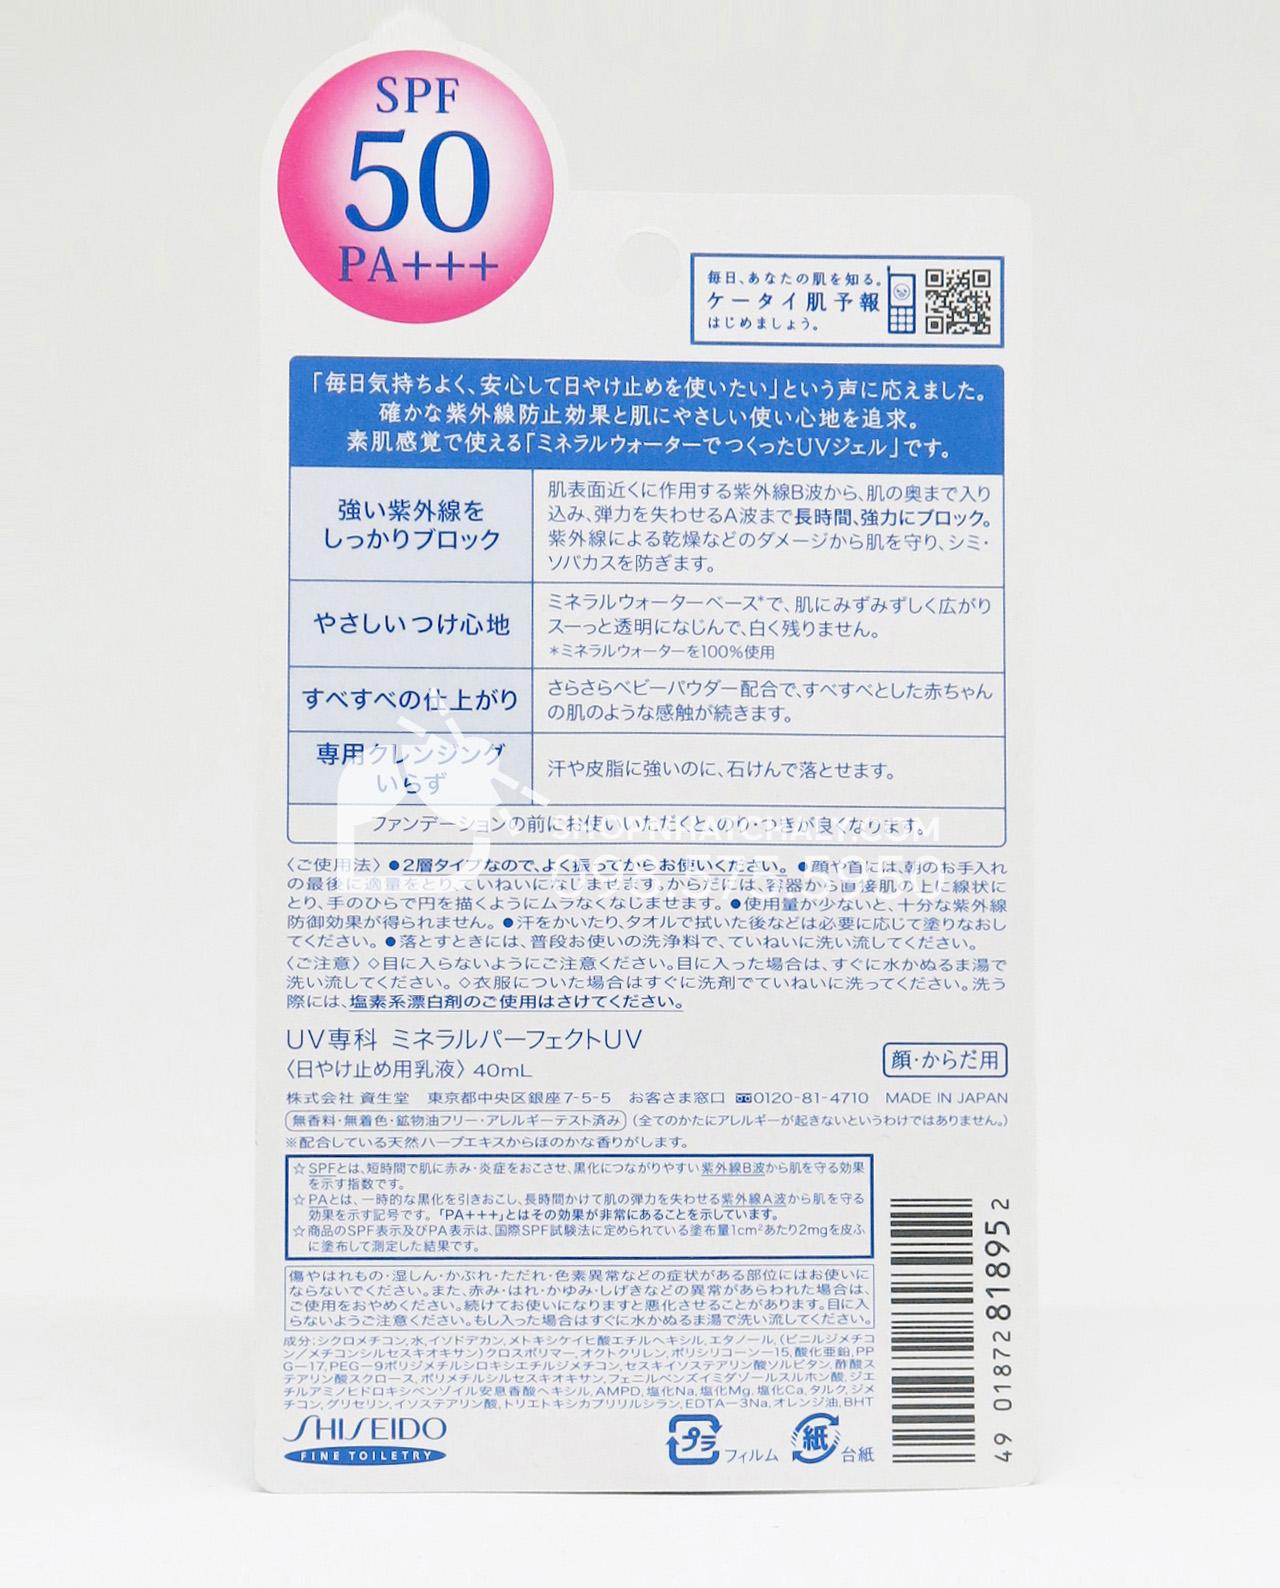 Thông tin về thành phần, công dụng và nhà sản xuất được in đầy đủ sau mỗi bao bì của Kem chống nắng Shiseido màu xanh Mineral Water Senka 50 40ml Nhật Bản